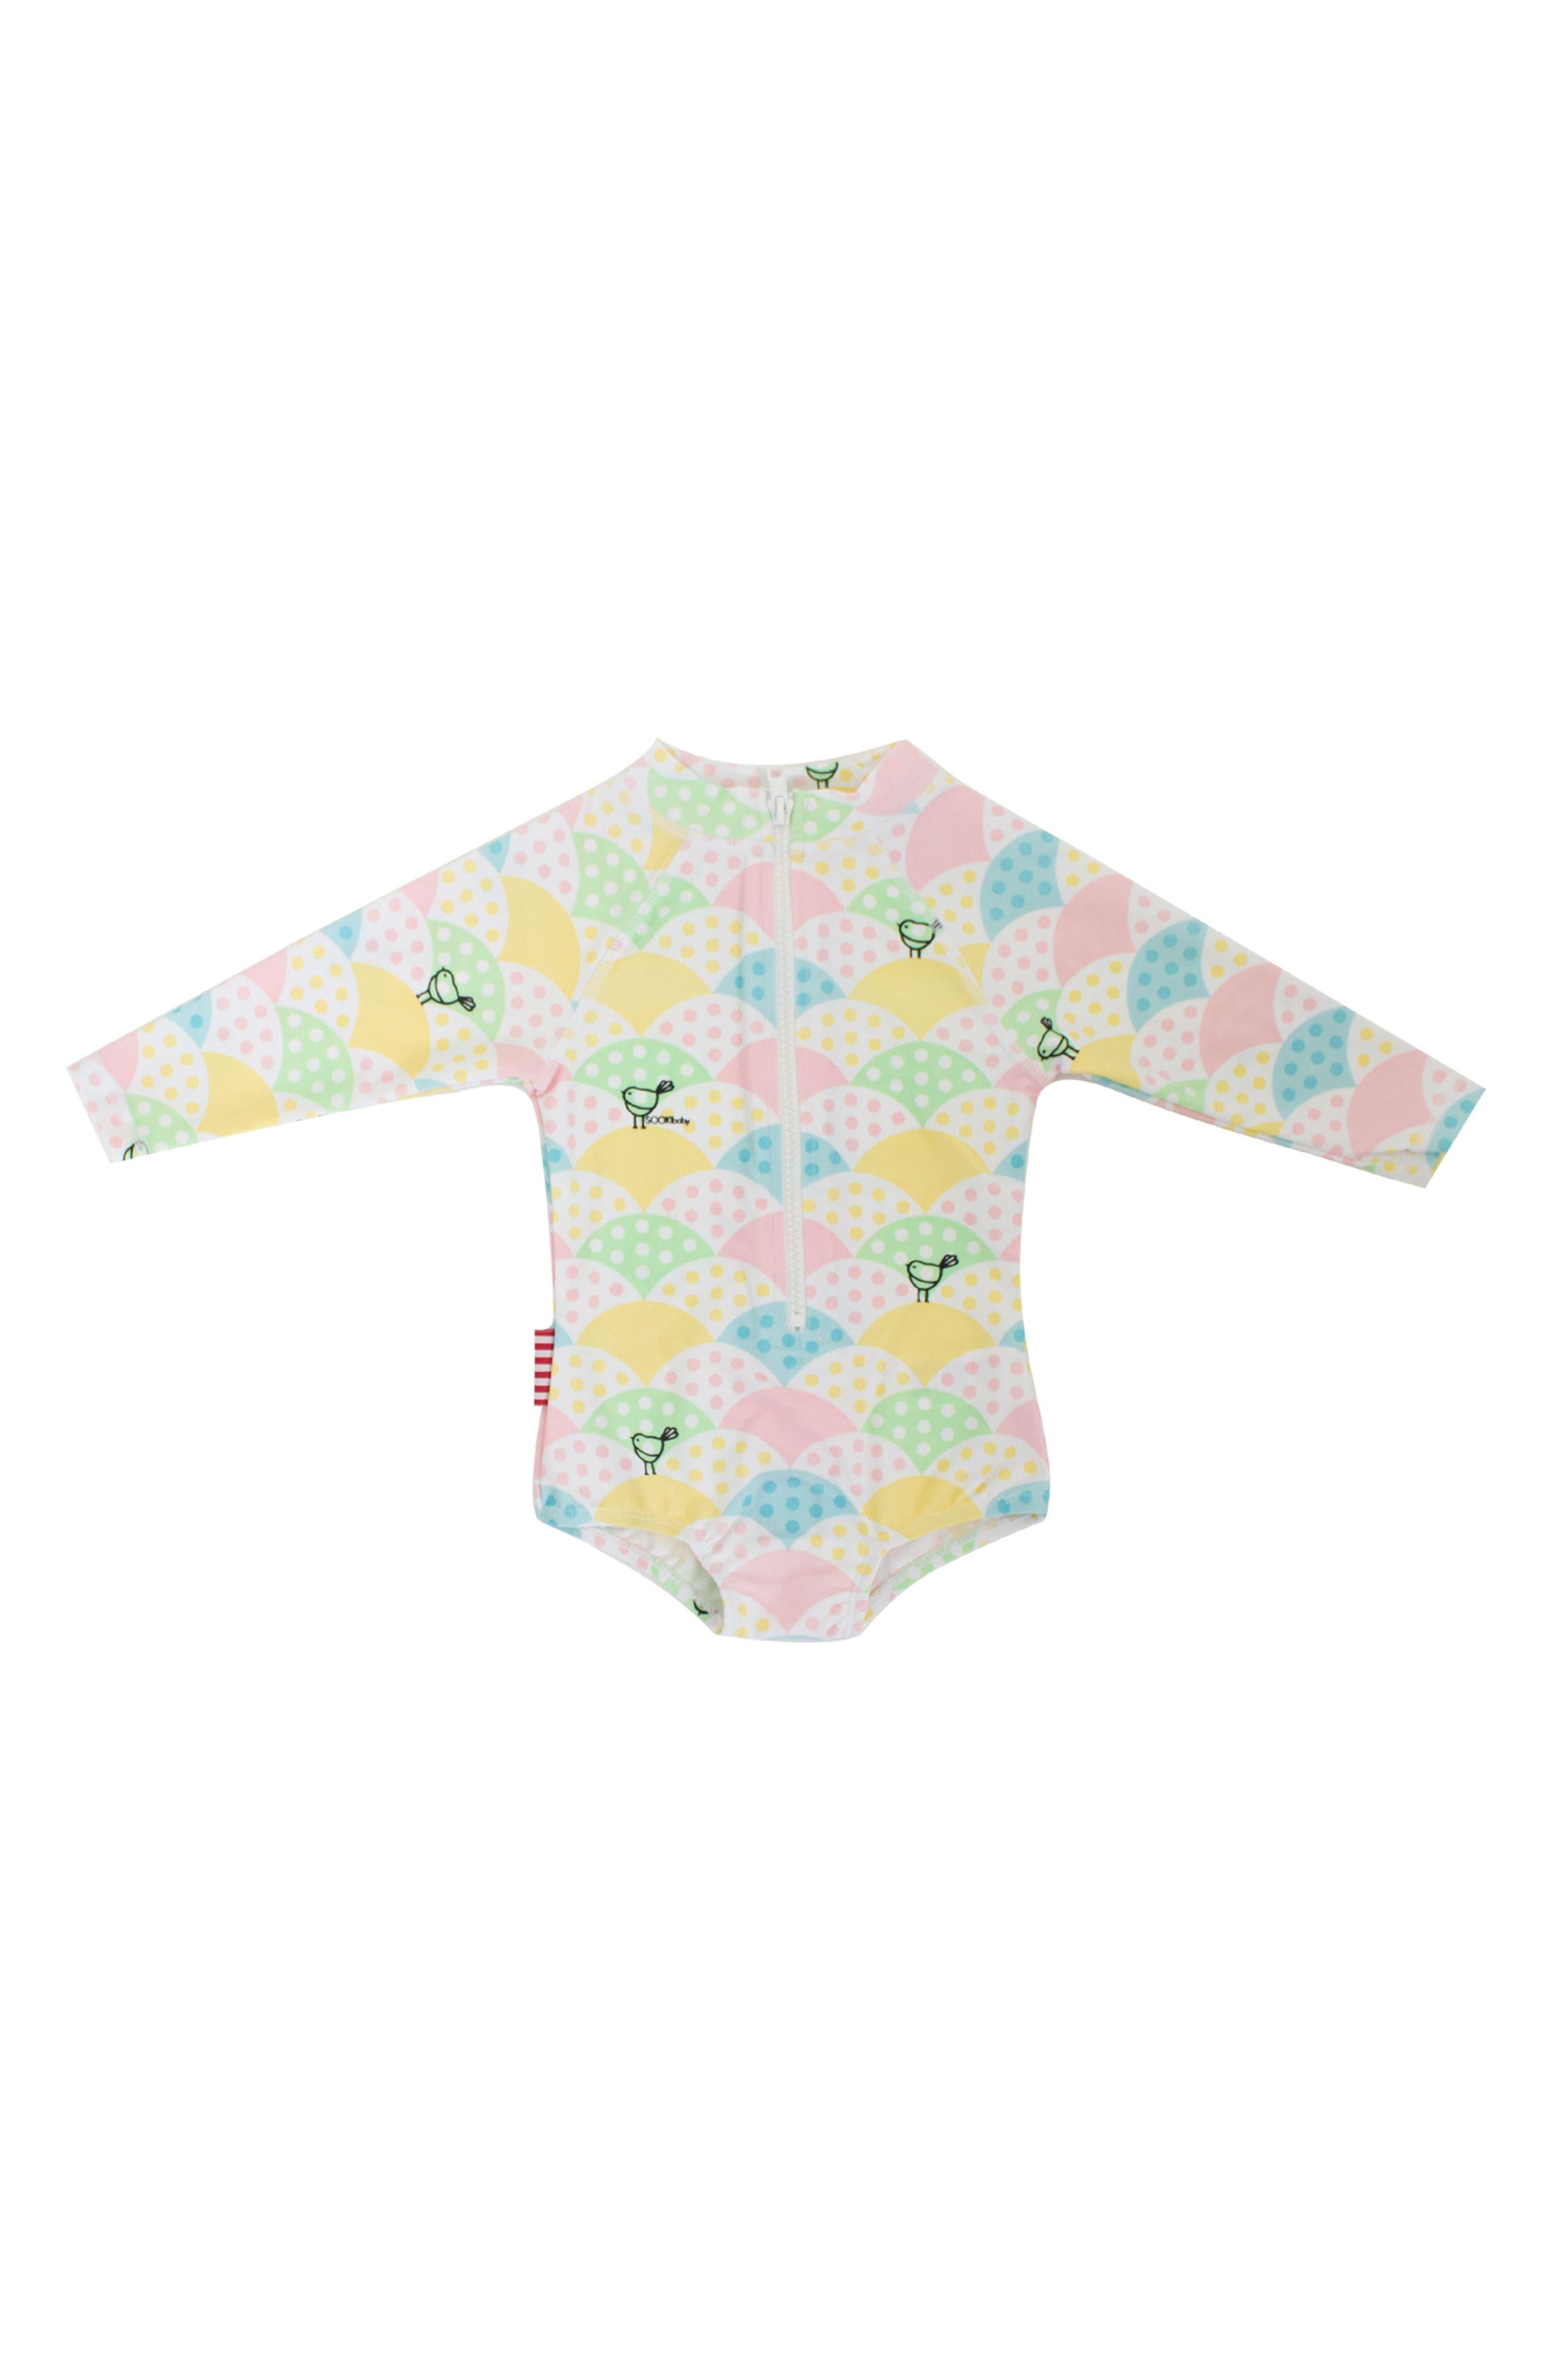 SOOKIbaby Spotty My Dotty One-Piece Rashguard Swimsuit (Baby Girls)